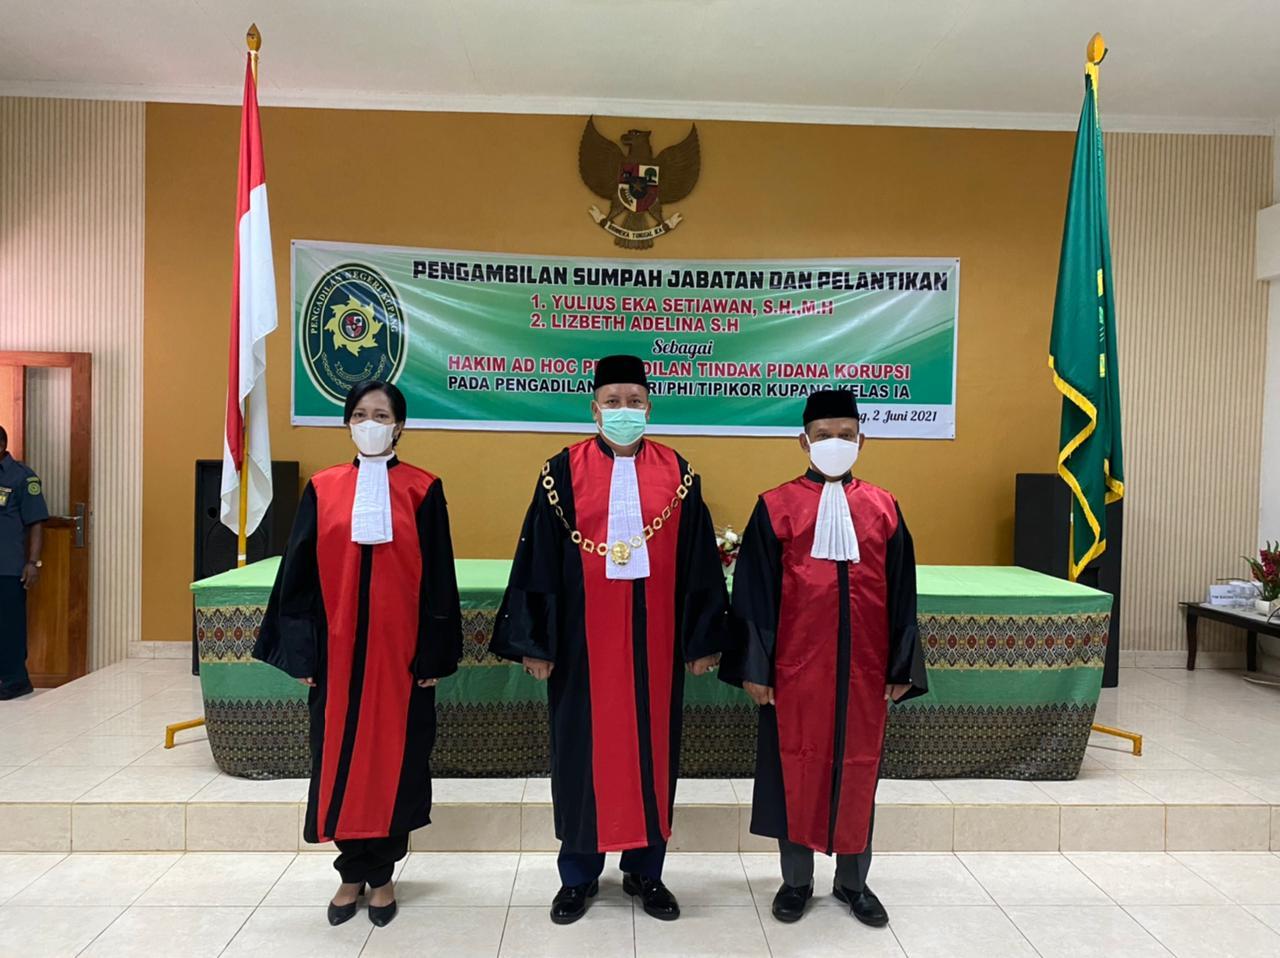 Pengambilan Sumpah Jabatan dan Pelantikan Dua Hakim Ad Hoc Tipikor Pada Pengadilan Negeri Kupang Kelas I A